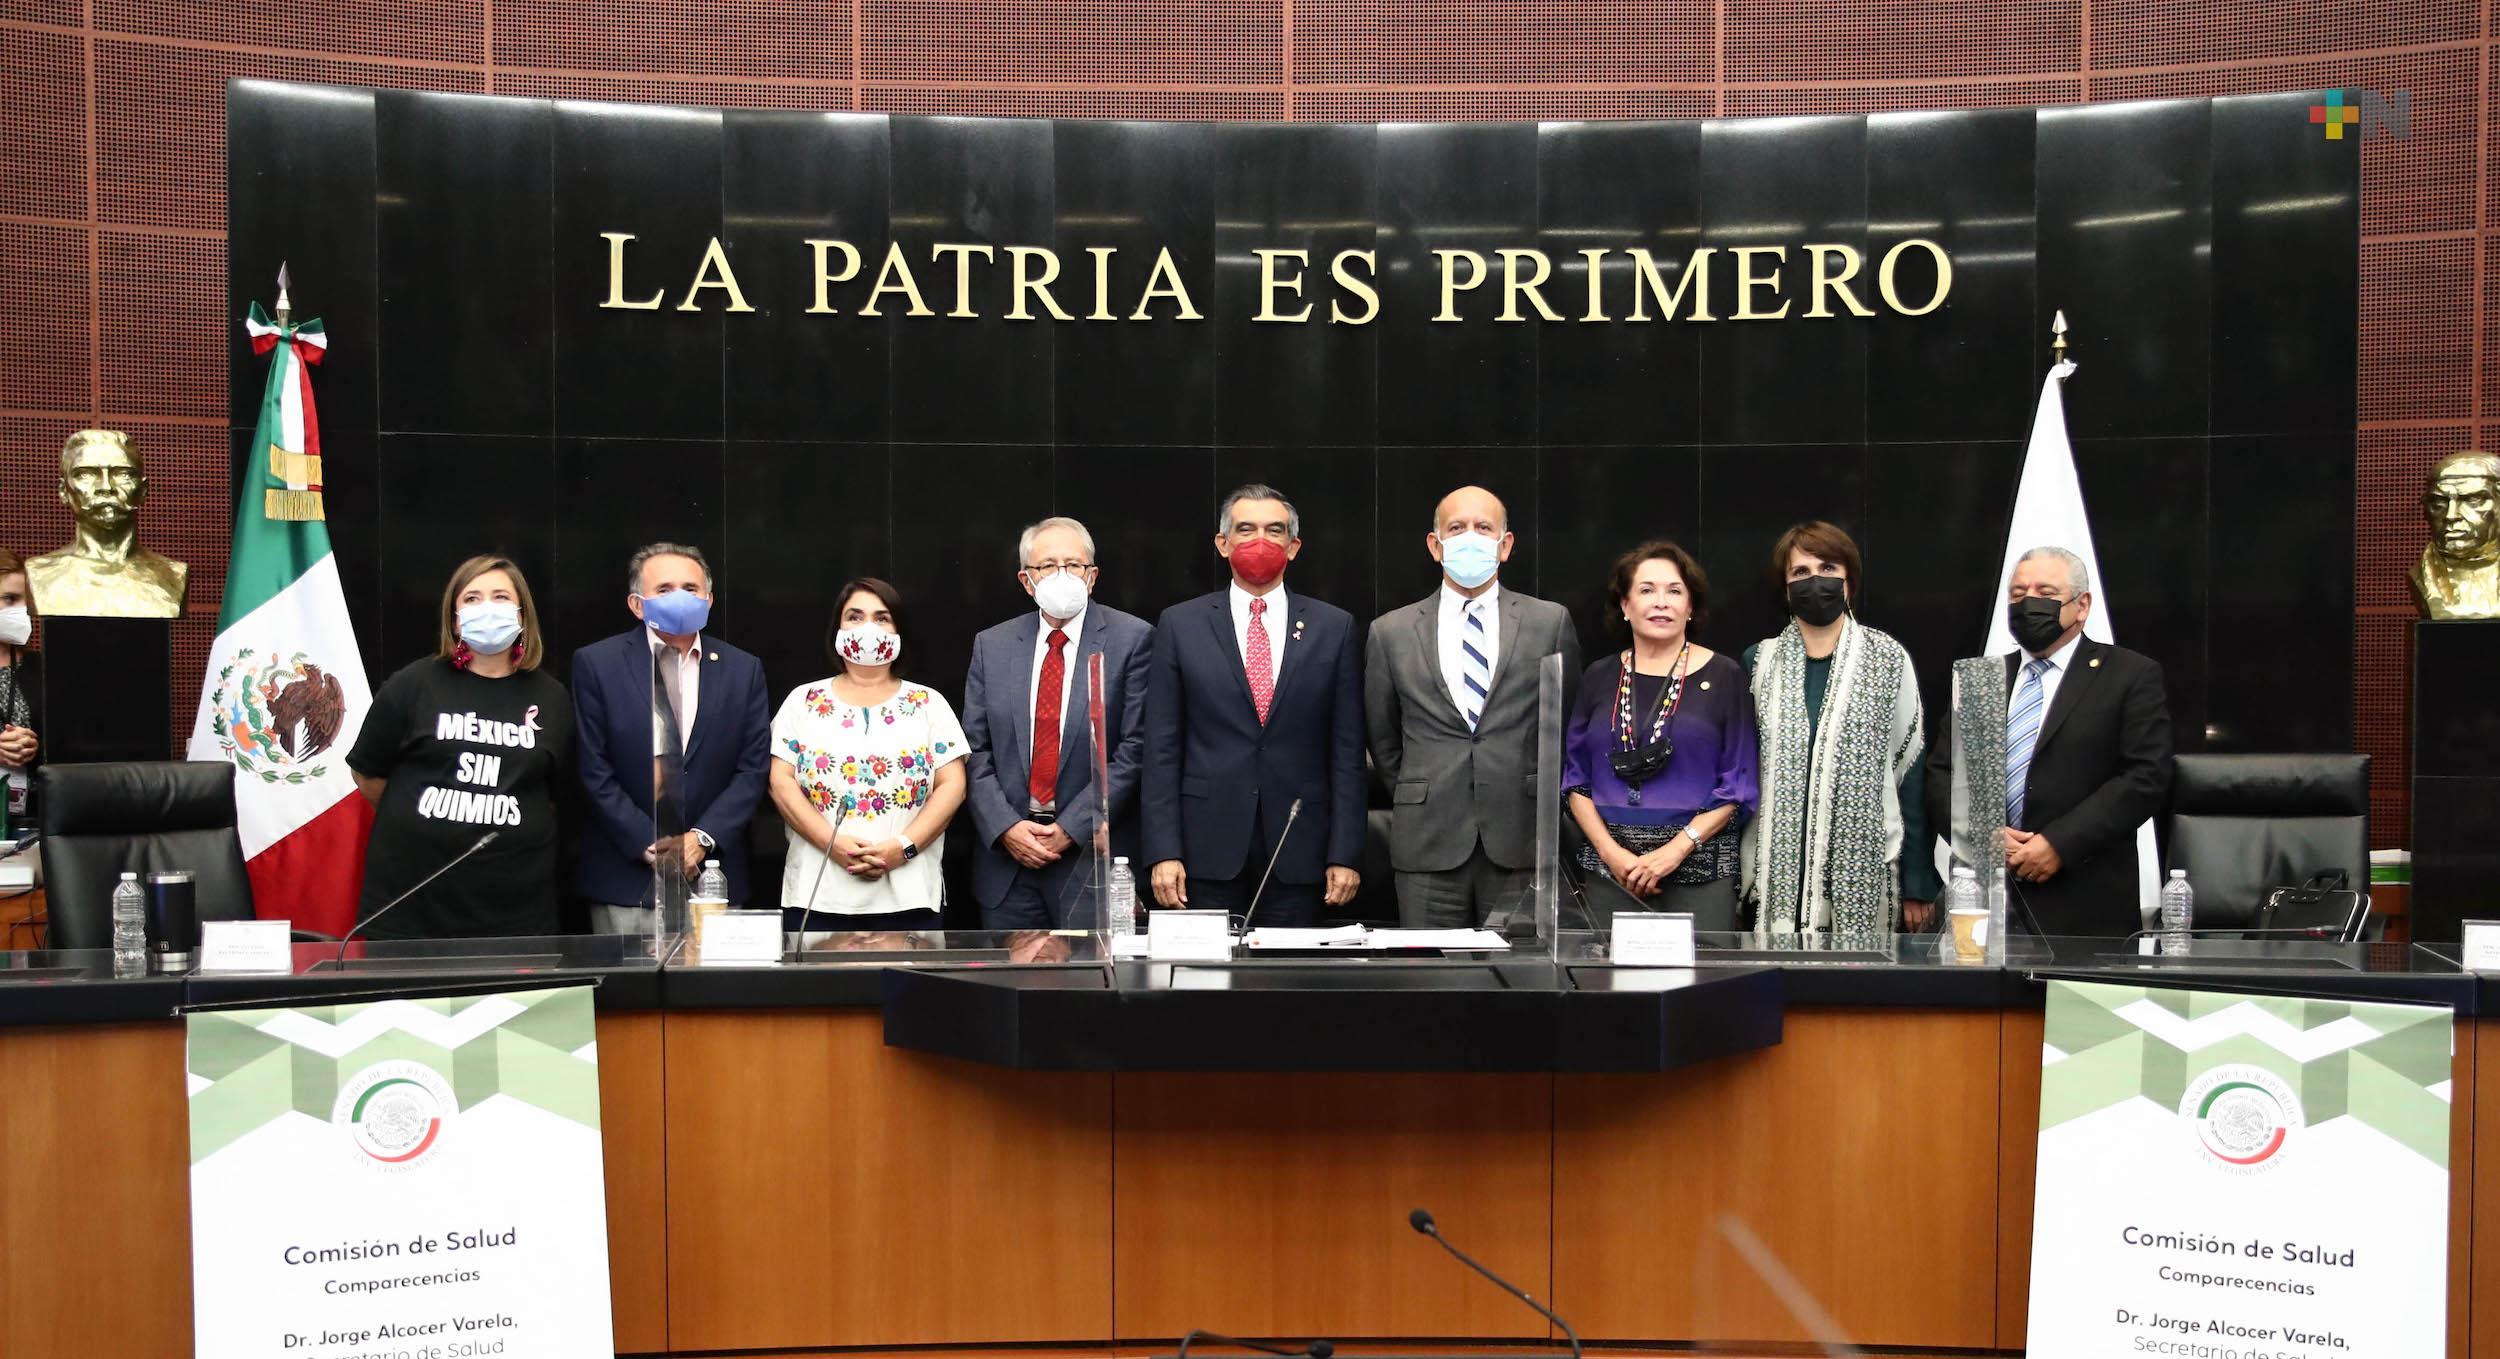 Van 11 semanas consecutivas de descenso de la pandemia, informa al Senado Jorge Alcocer